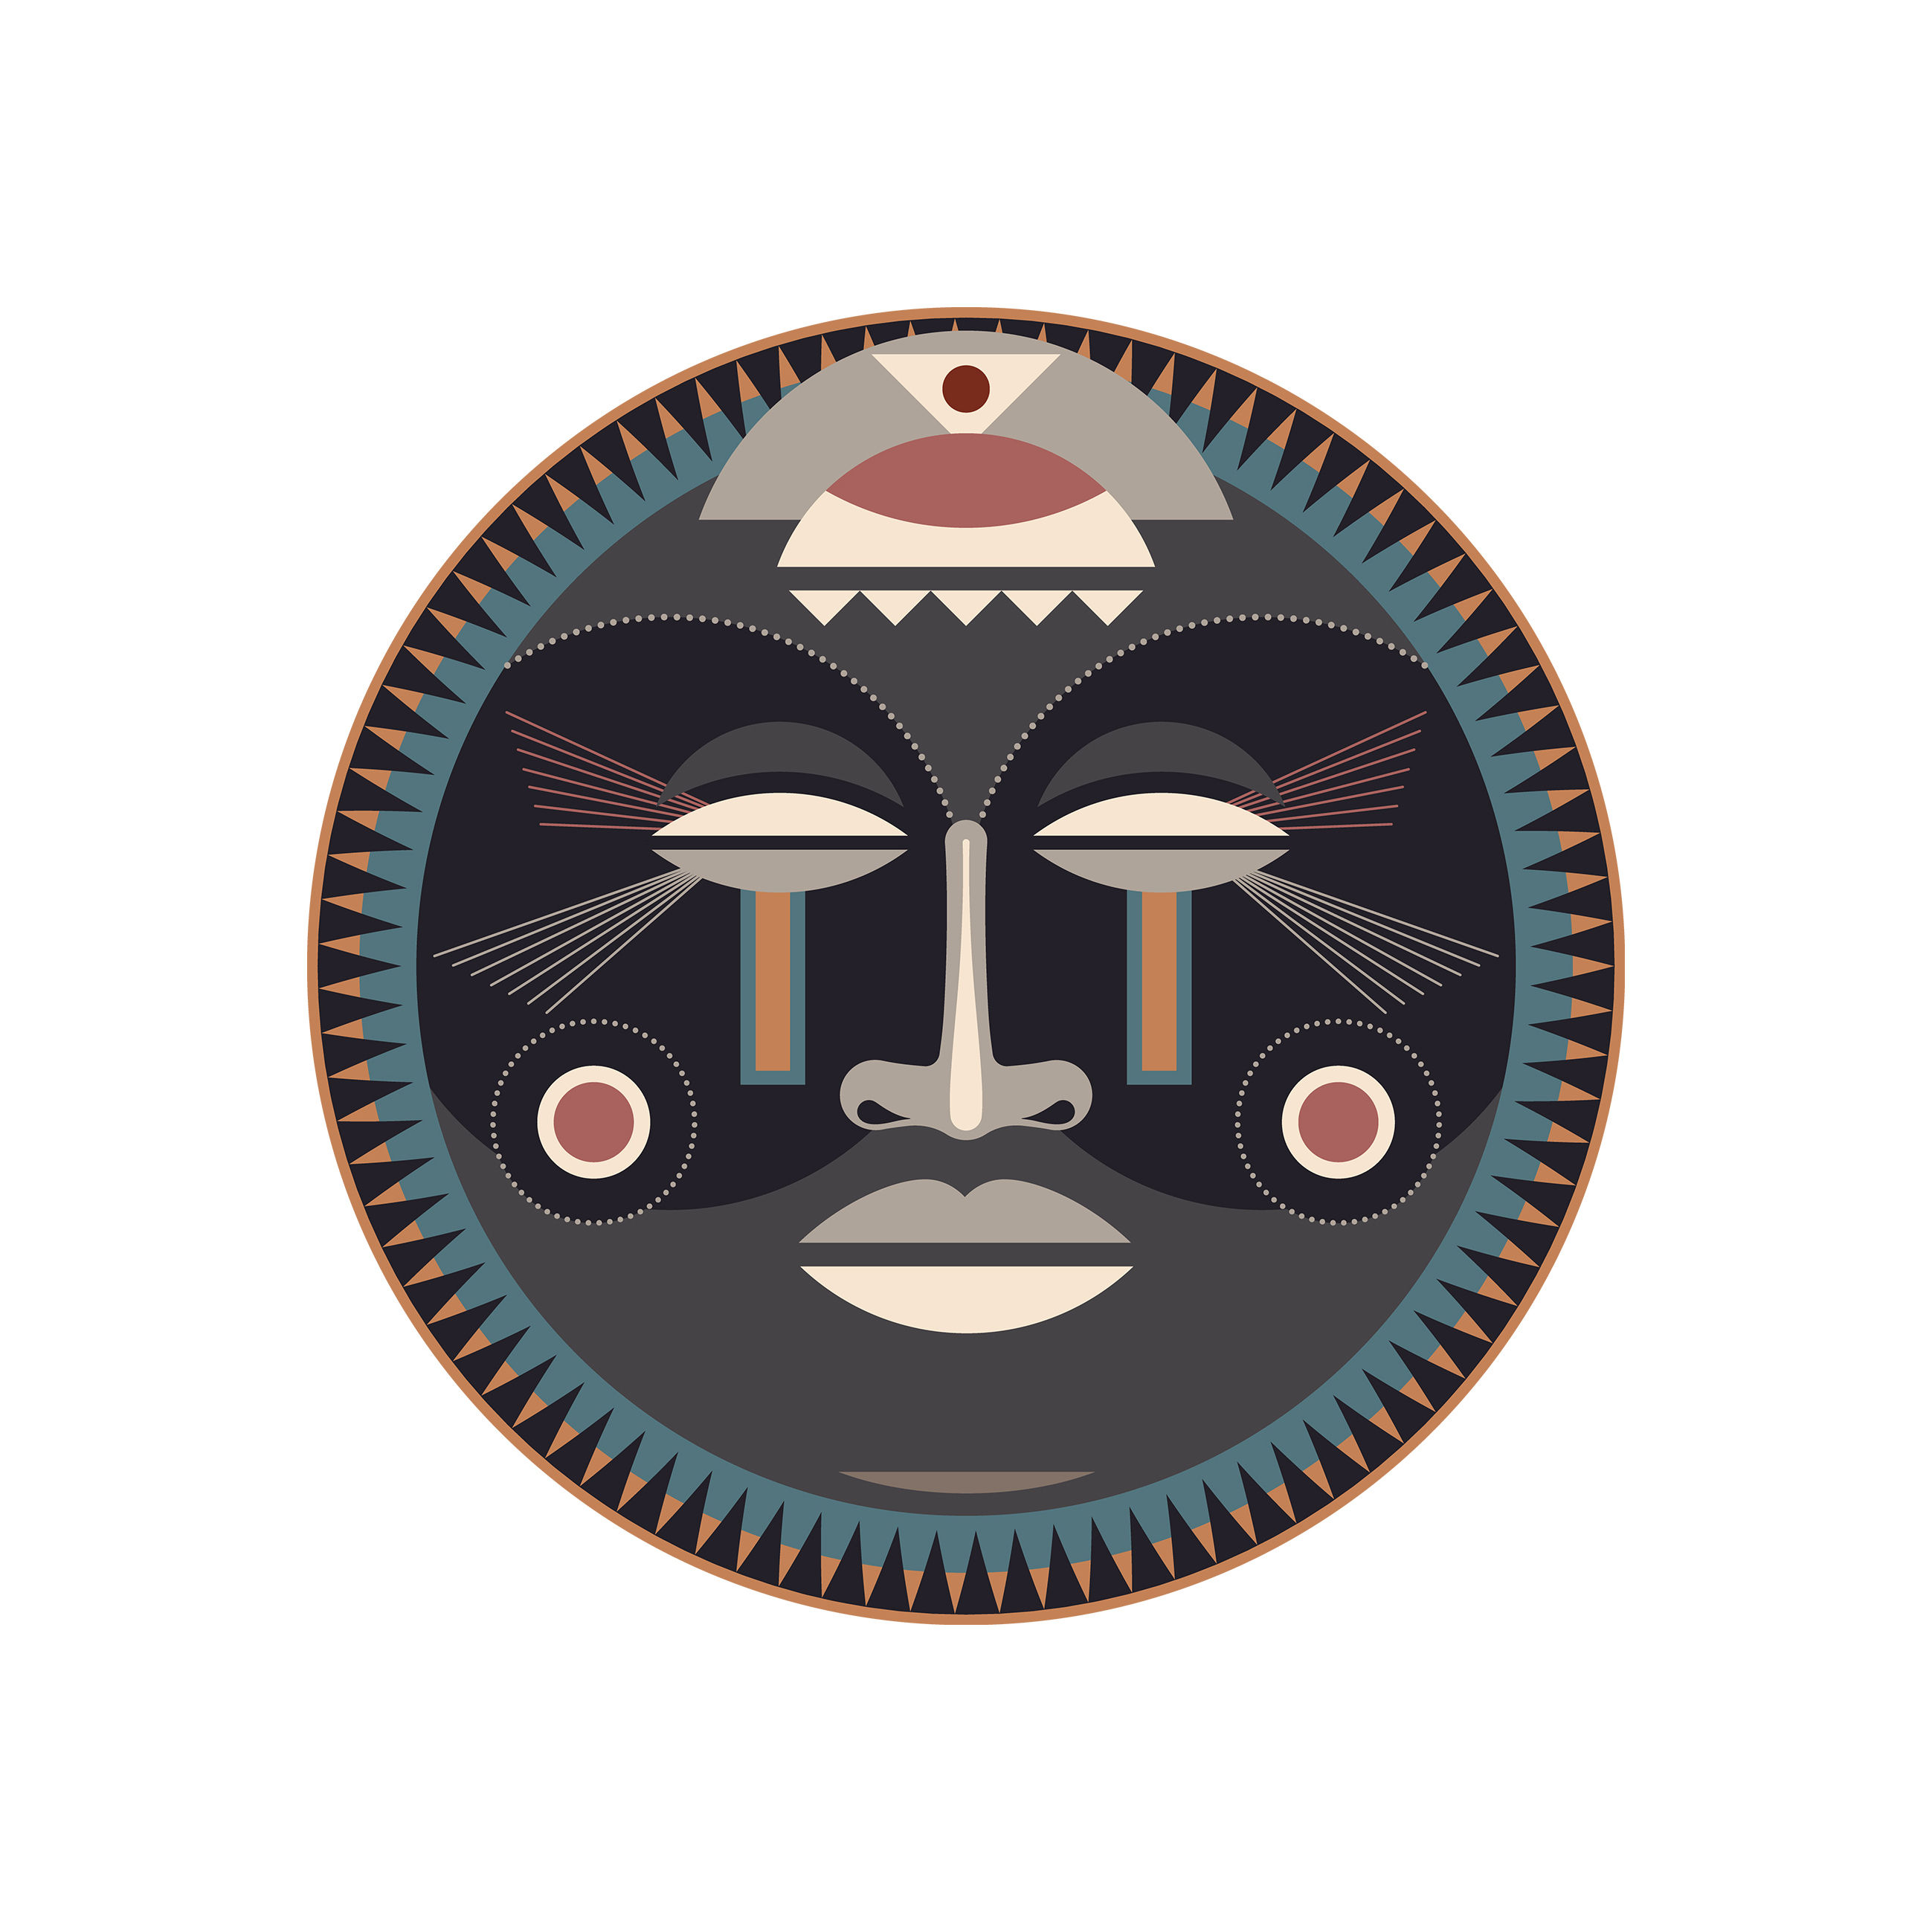 Arts de la table - Nappes, serviettes et sets - Set de table Mask / Ø 38 cm - Vinyle - PÔDEVACHE - Mask n°2 / Gris, bleu & beige - Vinyle